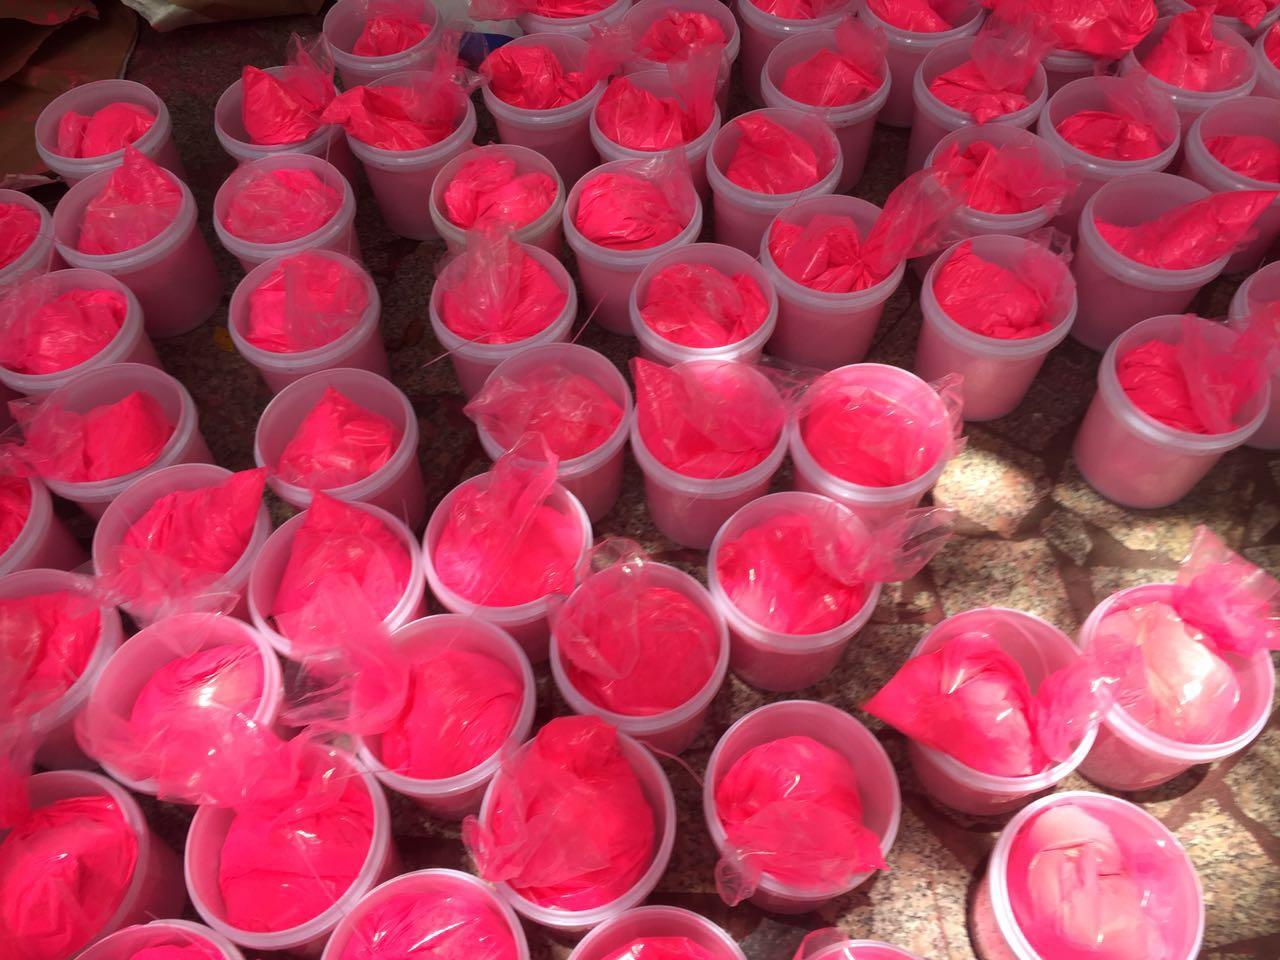 山东水泥厂电厂设备检漏专用荧光粉生产厂家